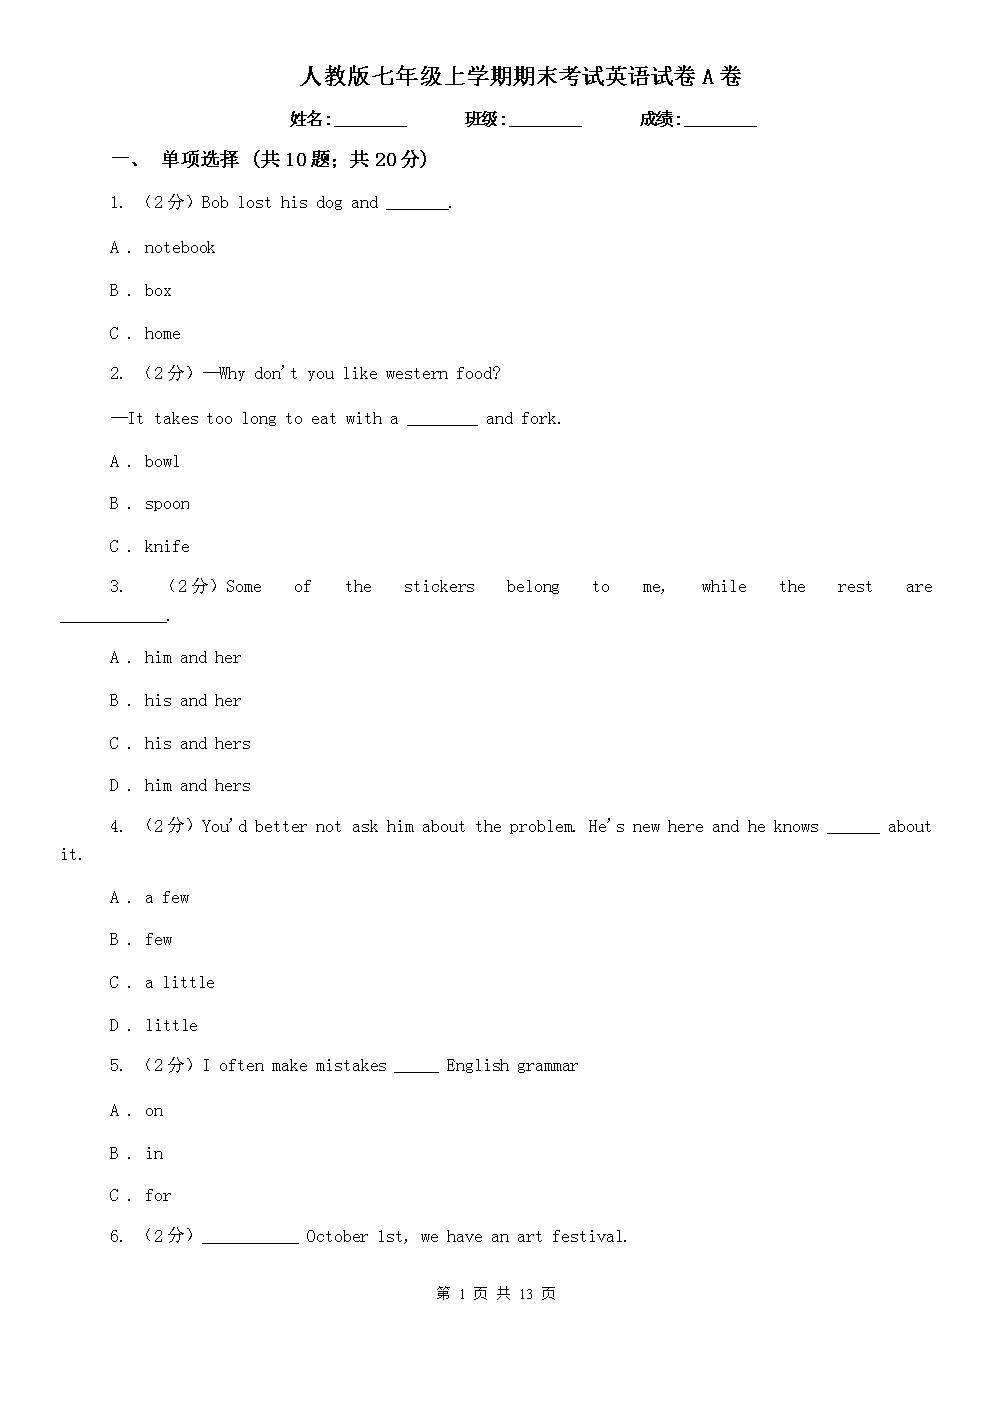 人教版七年级上学期期末考试英语试卷A卷.doc